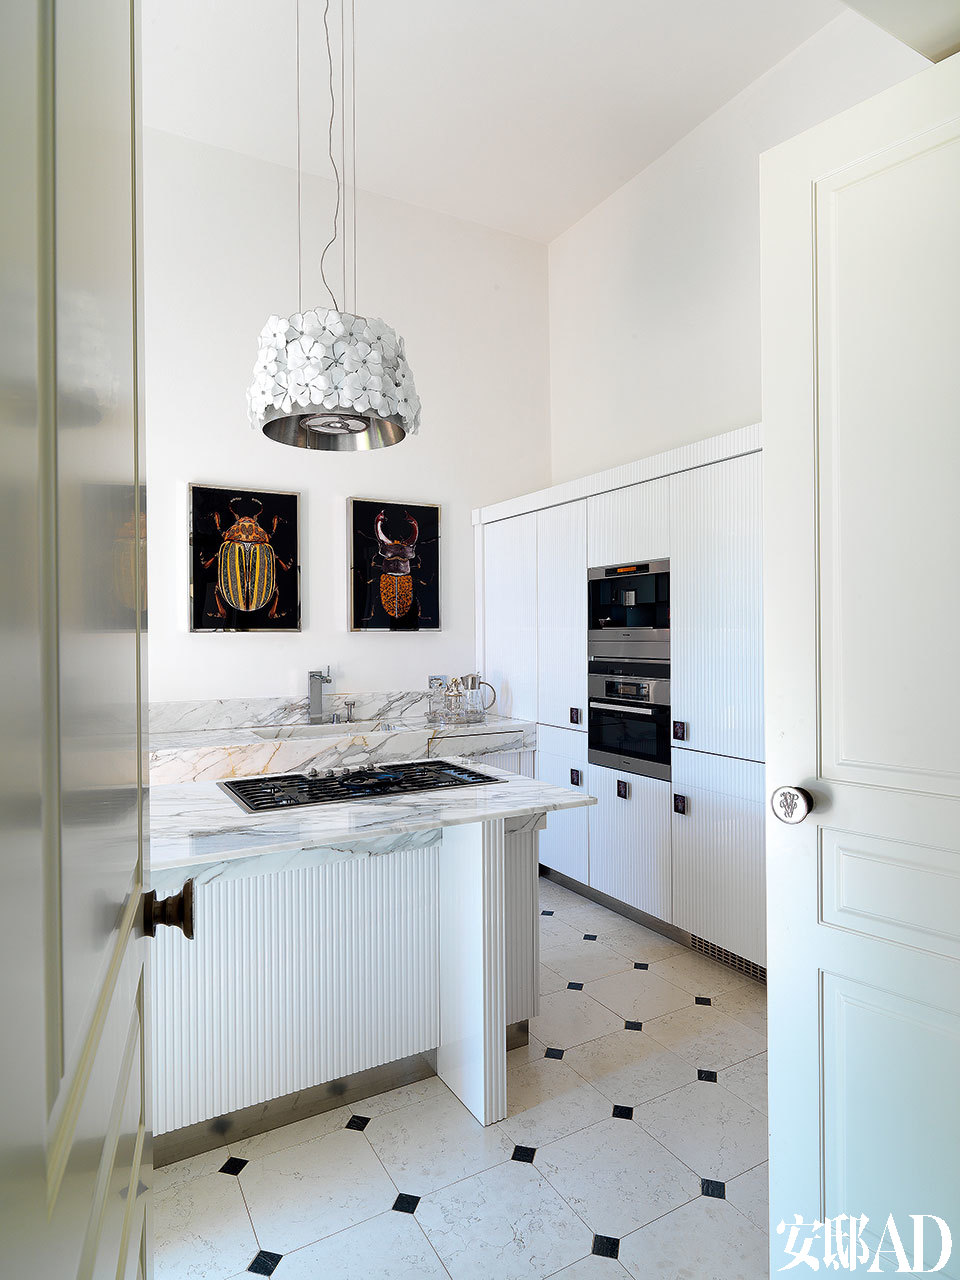 新哥特式的家具既为老宅带来现代风貌, 又不是那么的新潮和跳跃, 让整个室内环境都显得颇为和谐。由Samuele Mazza 设计的Augustus整体厨房中,Cycas花朵装饰吊灯是Alessandro La Spada的作品,Visionnaire出品。墙上的两幅昆虫主题画作《Scrabble》出自Micheal之手。